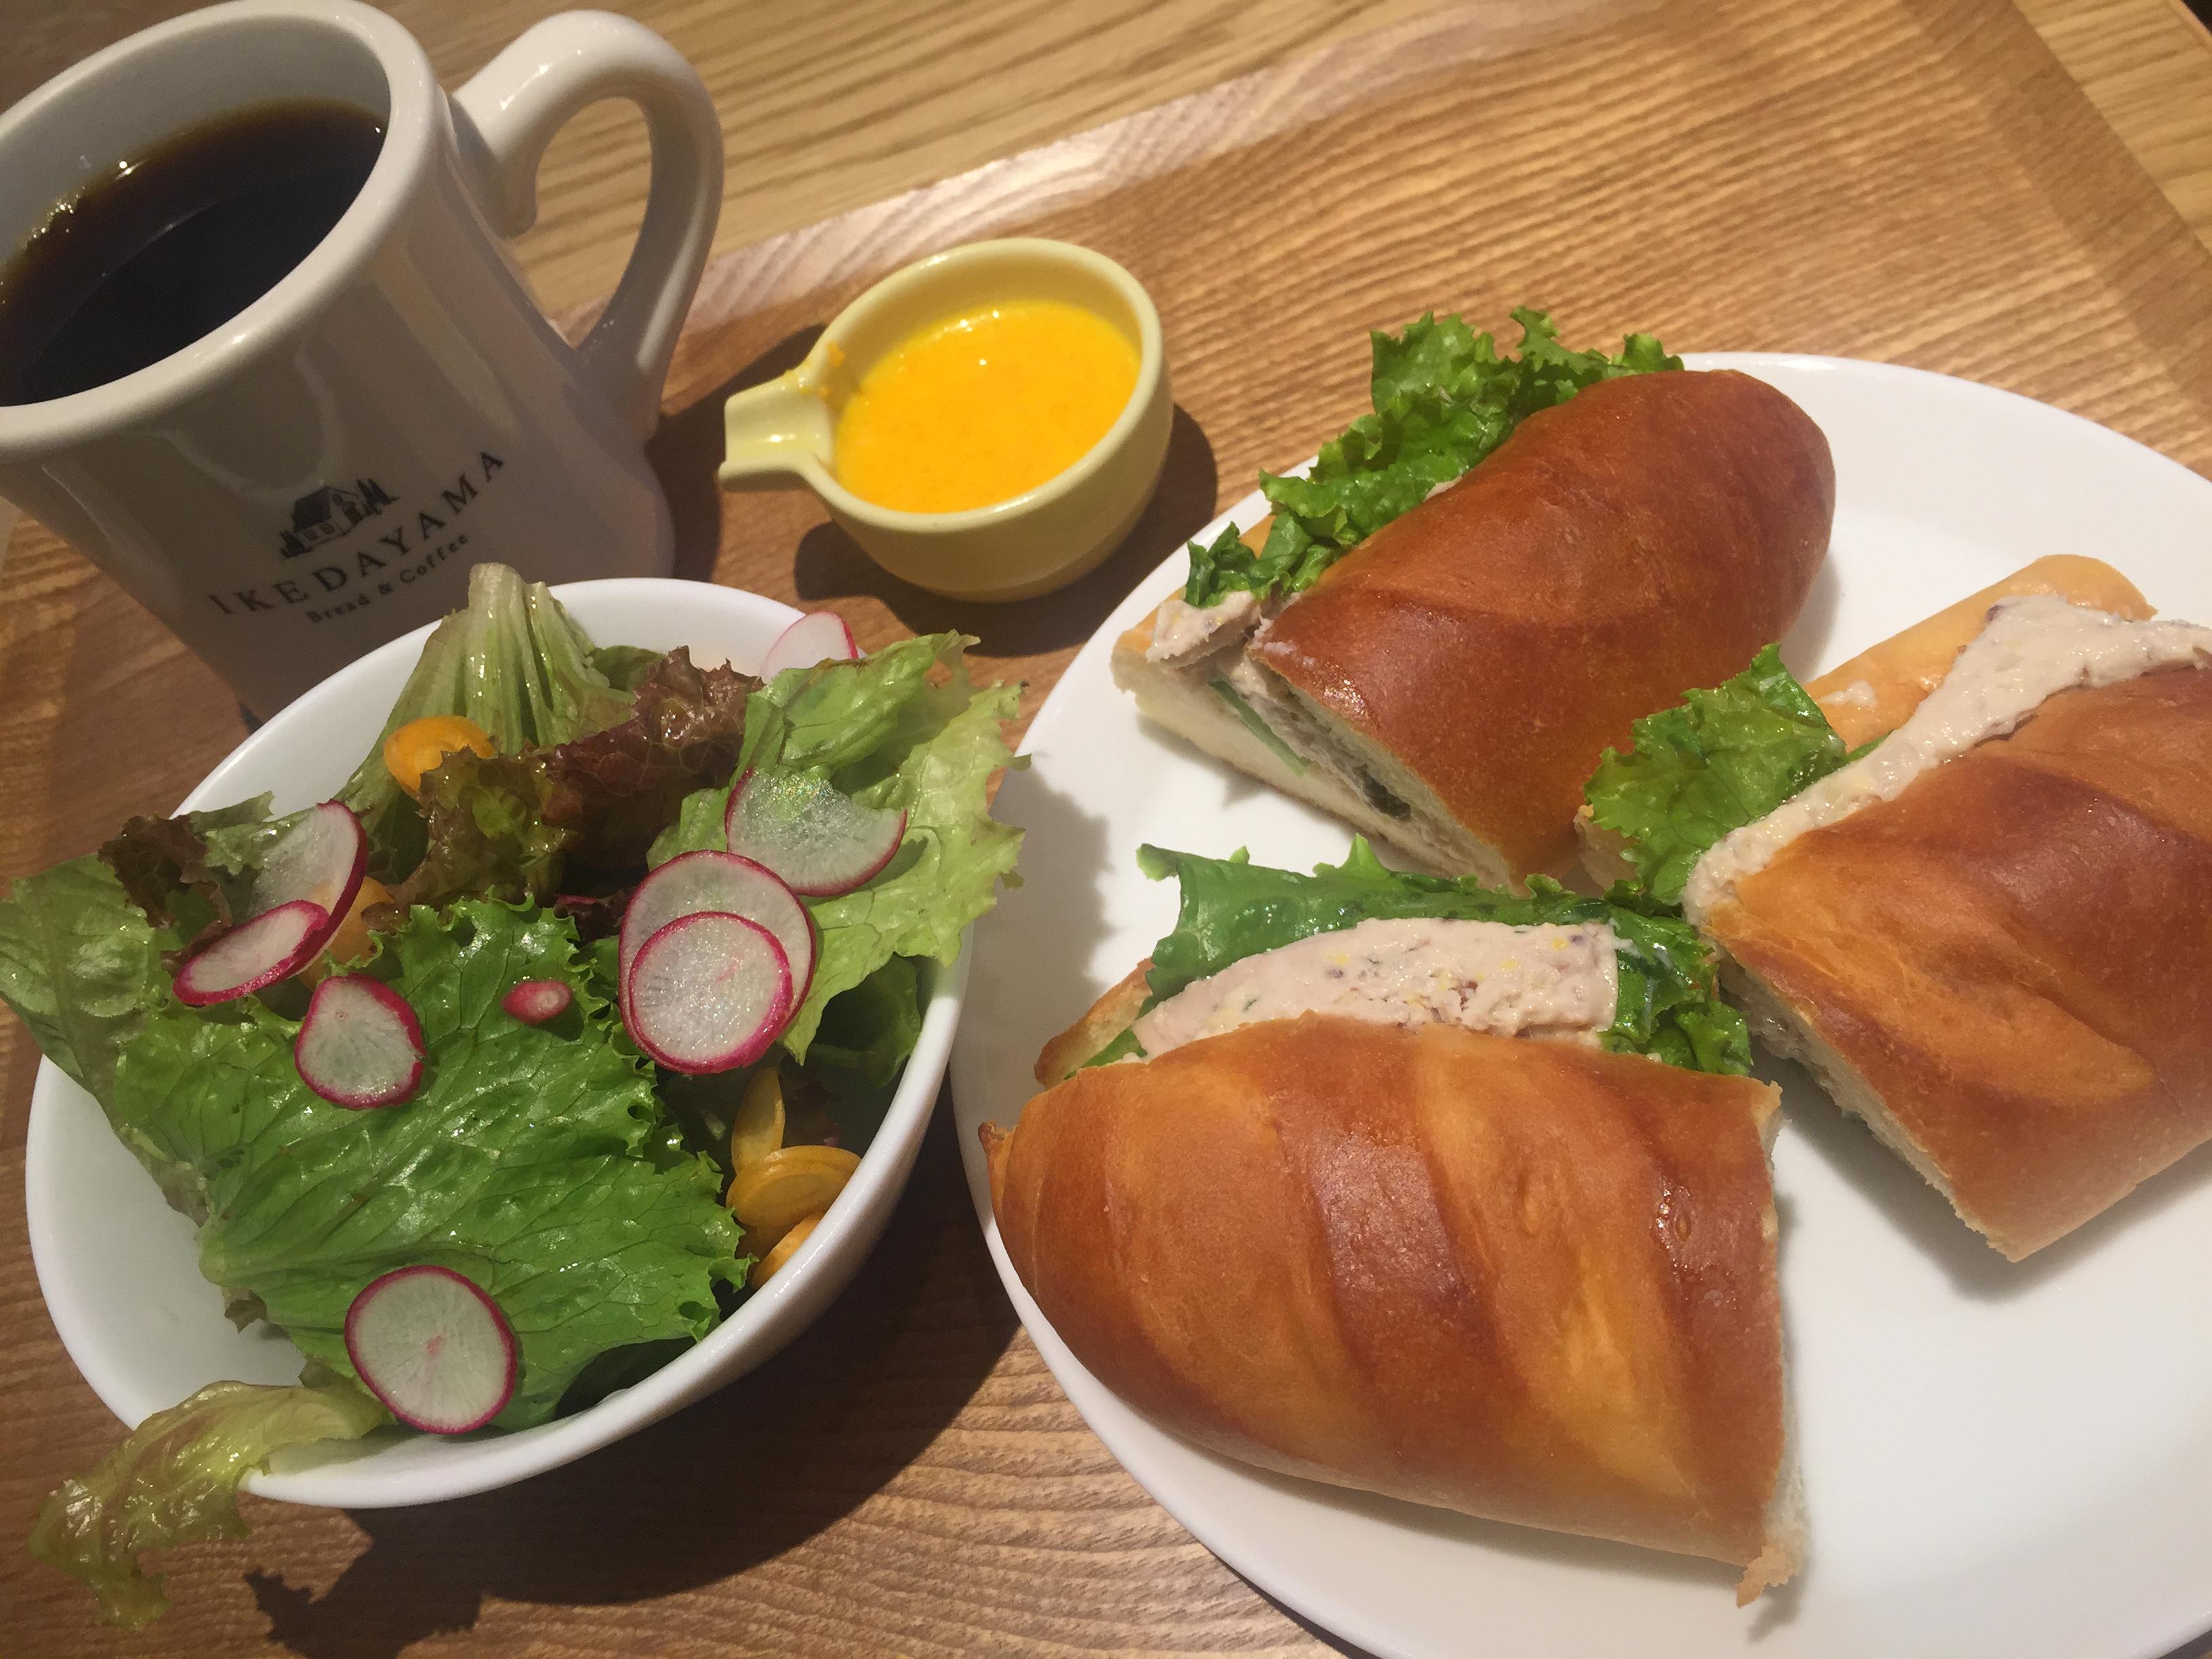 焼き立てパン&自家焙煎コーヒーの至福の池田山ランチ【コーヒー】